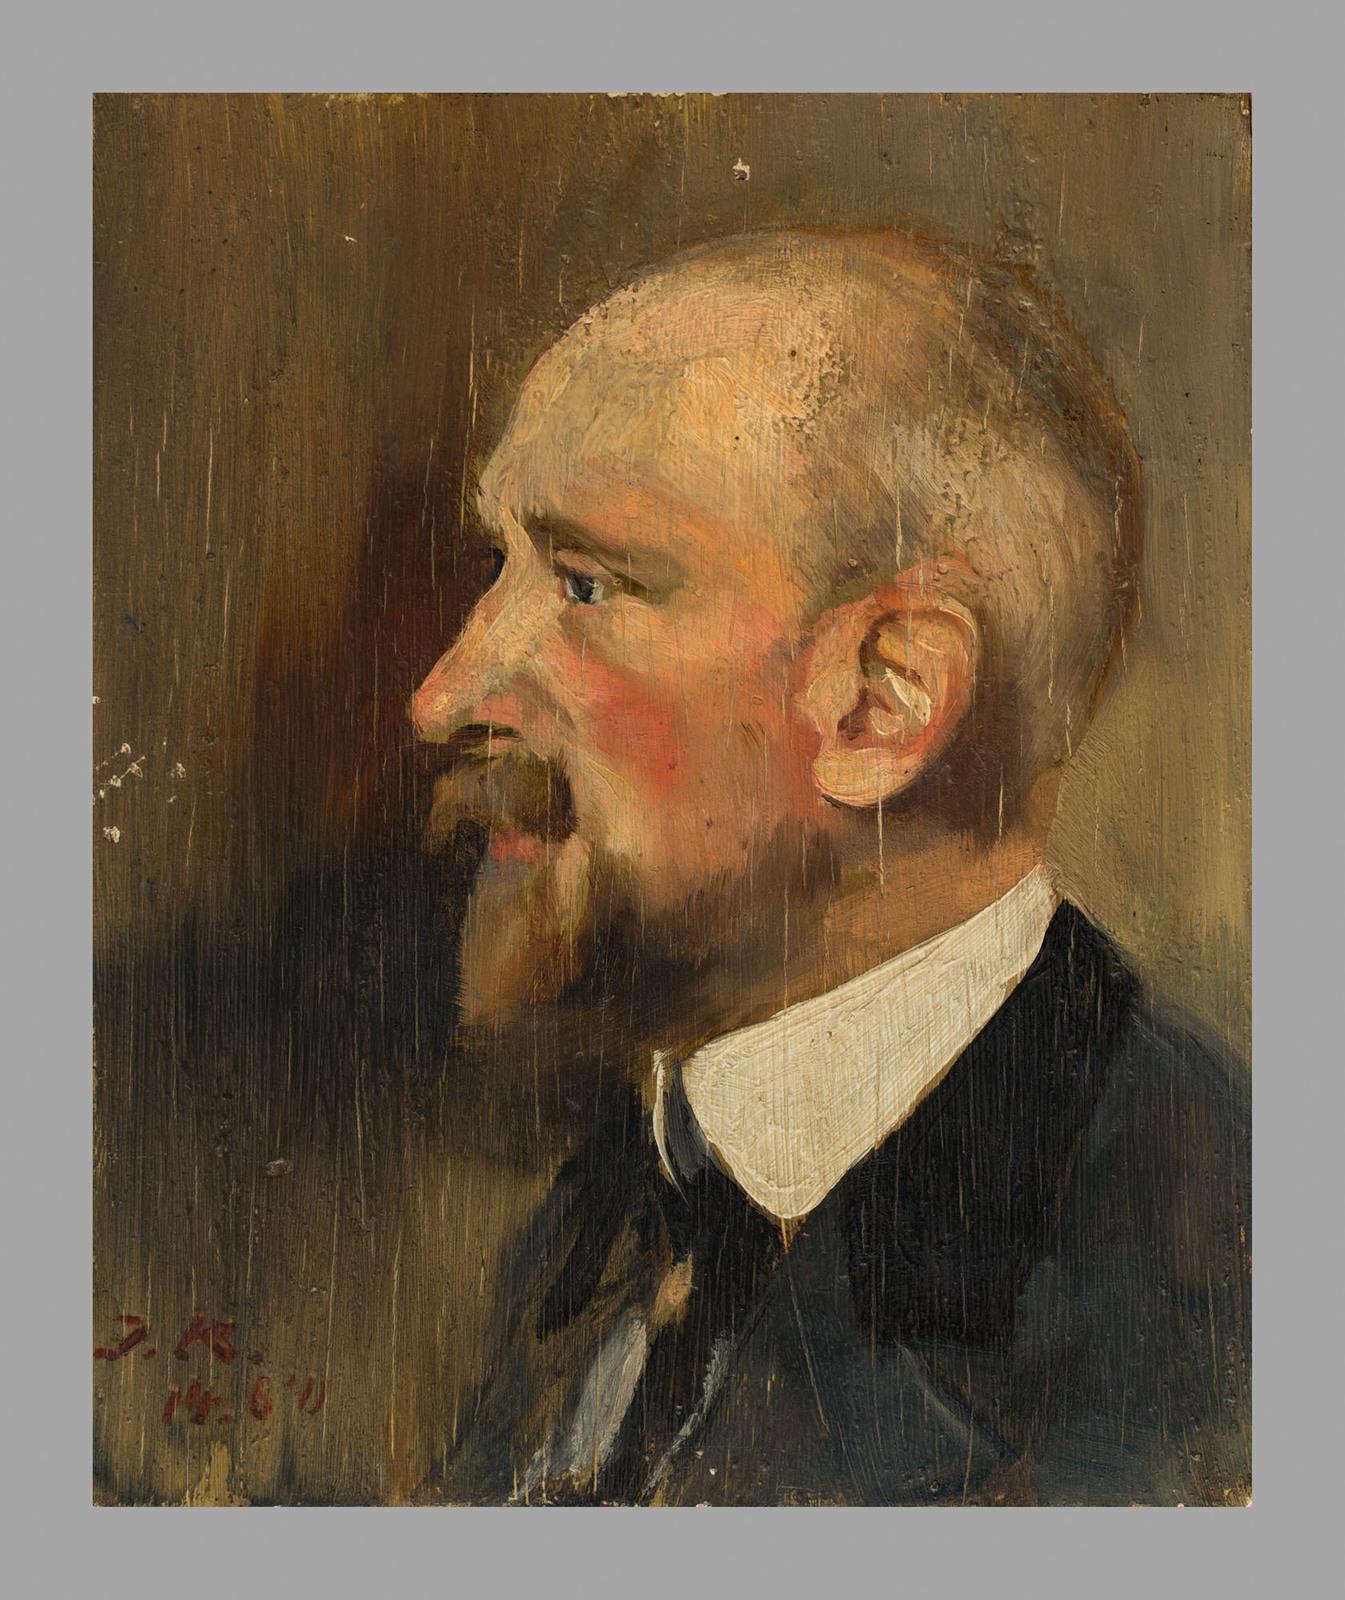 De schilder D. de Vries Lam